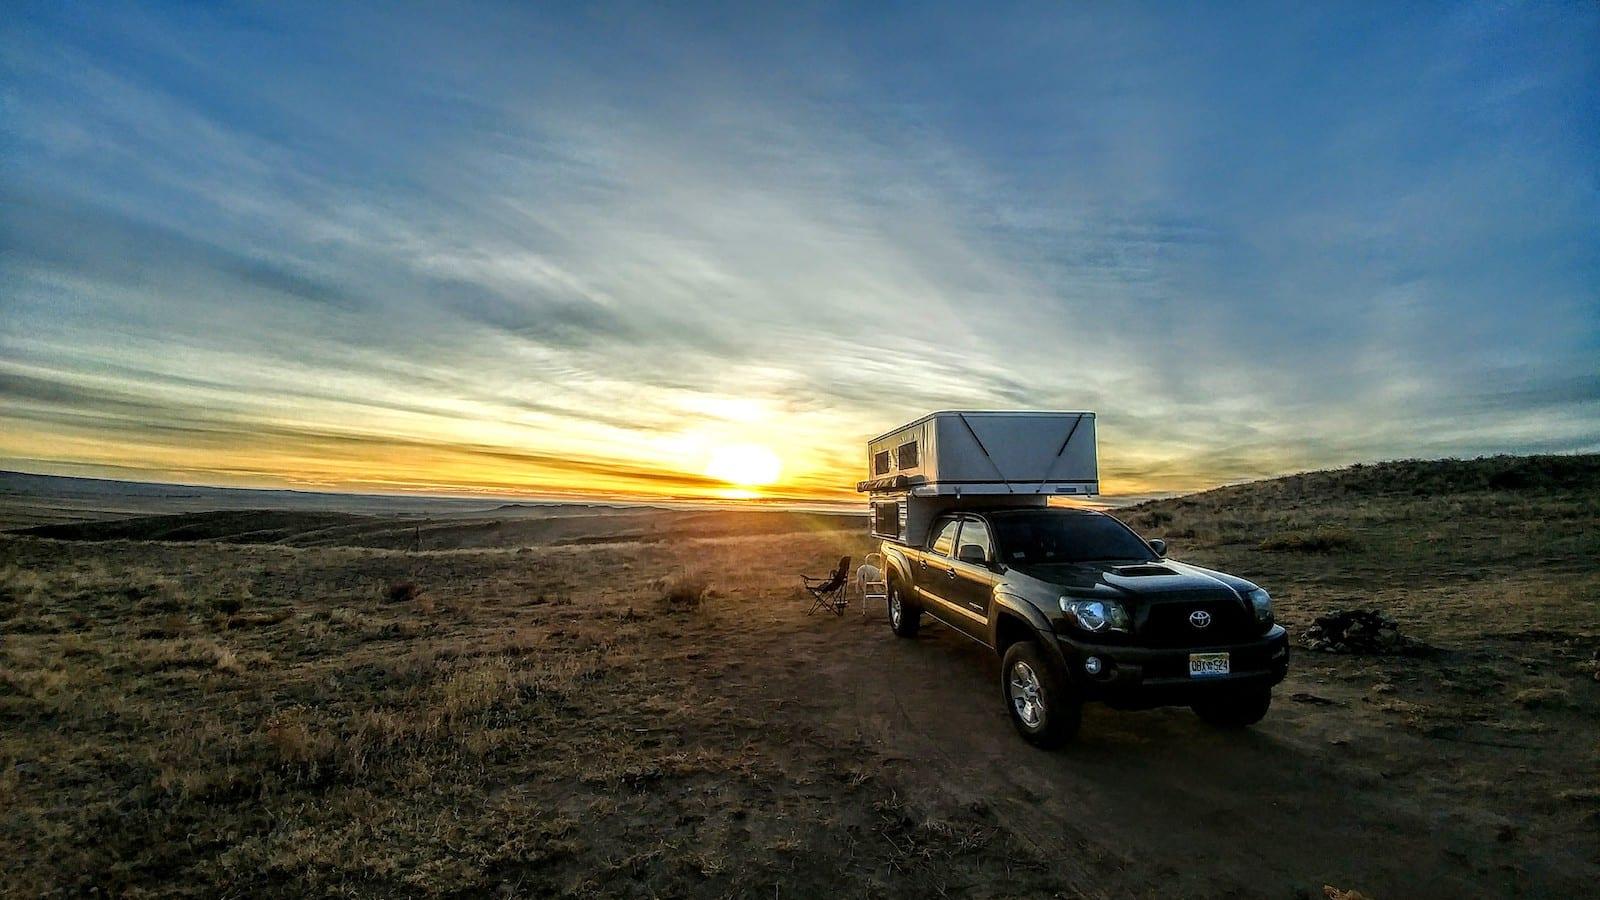 Pawnee National Grassland Truck Camper